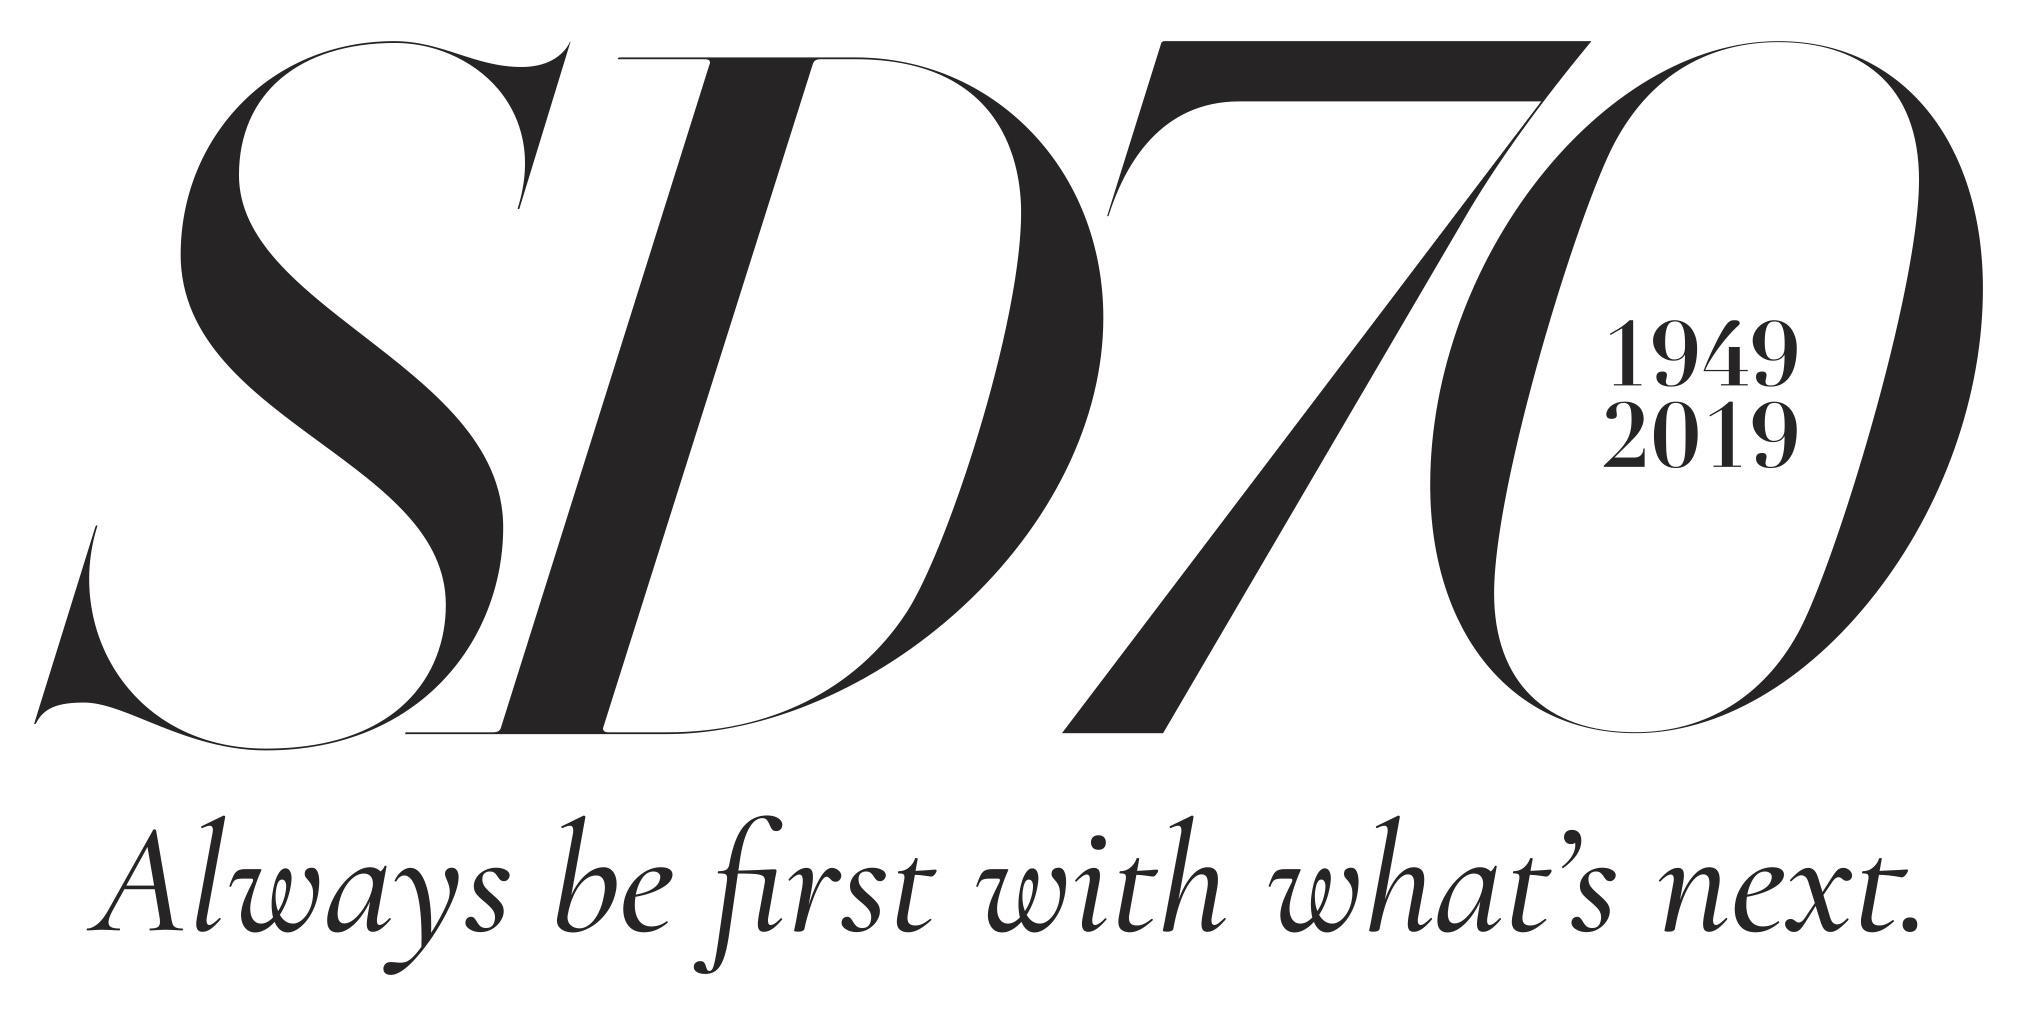 SD70 Logo horiz.jpg